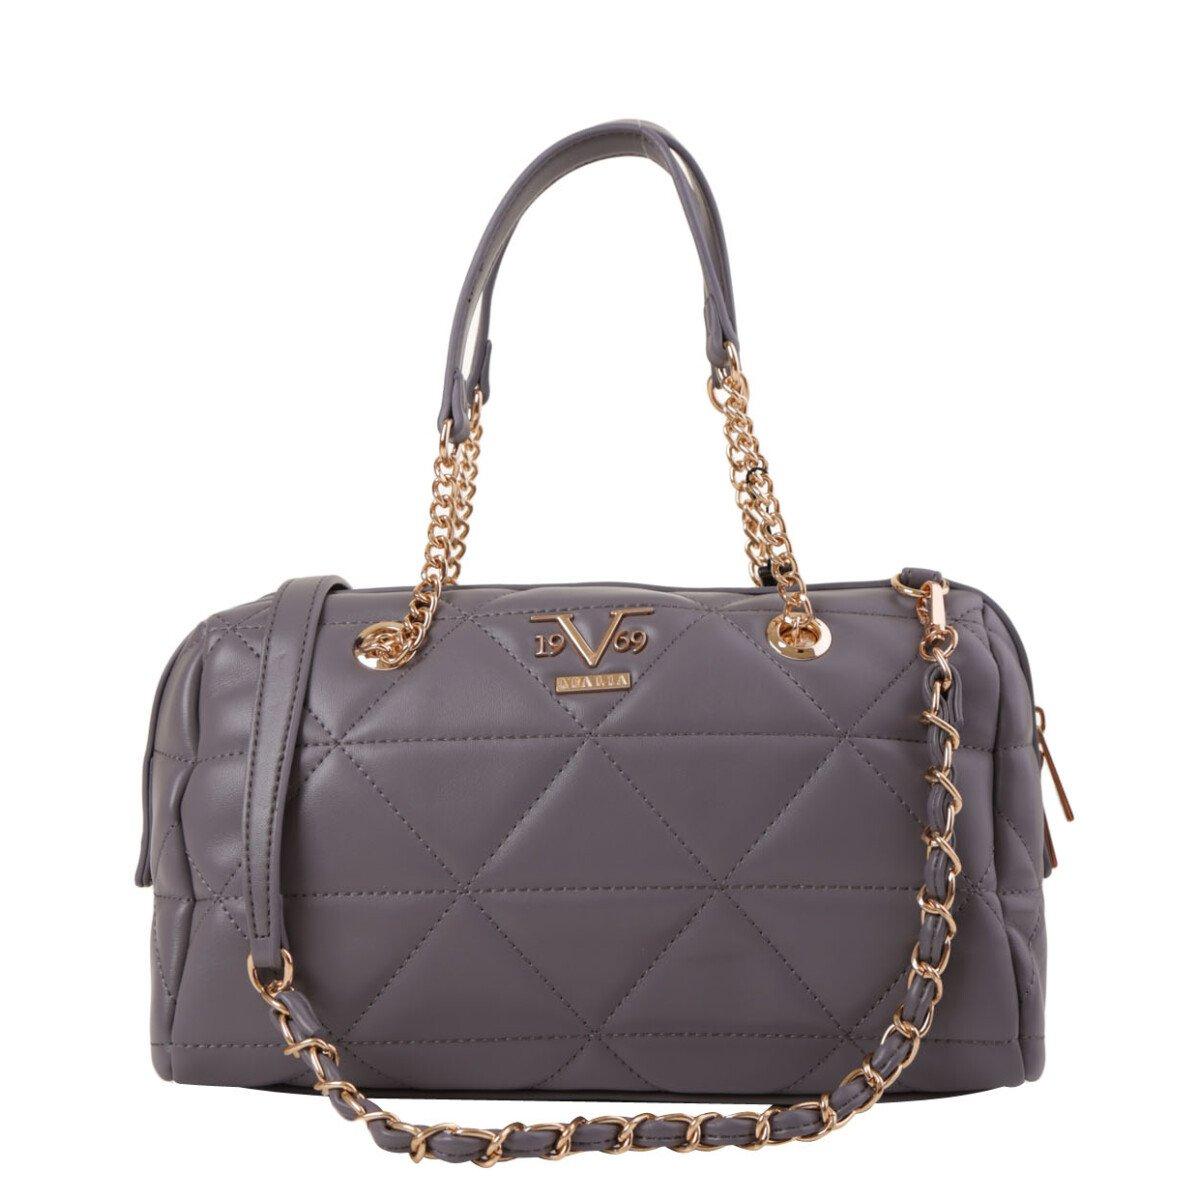 19v69 Italia Women's Handbag Various Colours 319004 - grey UNICA